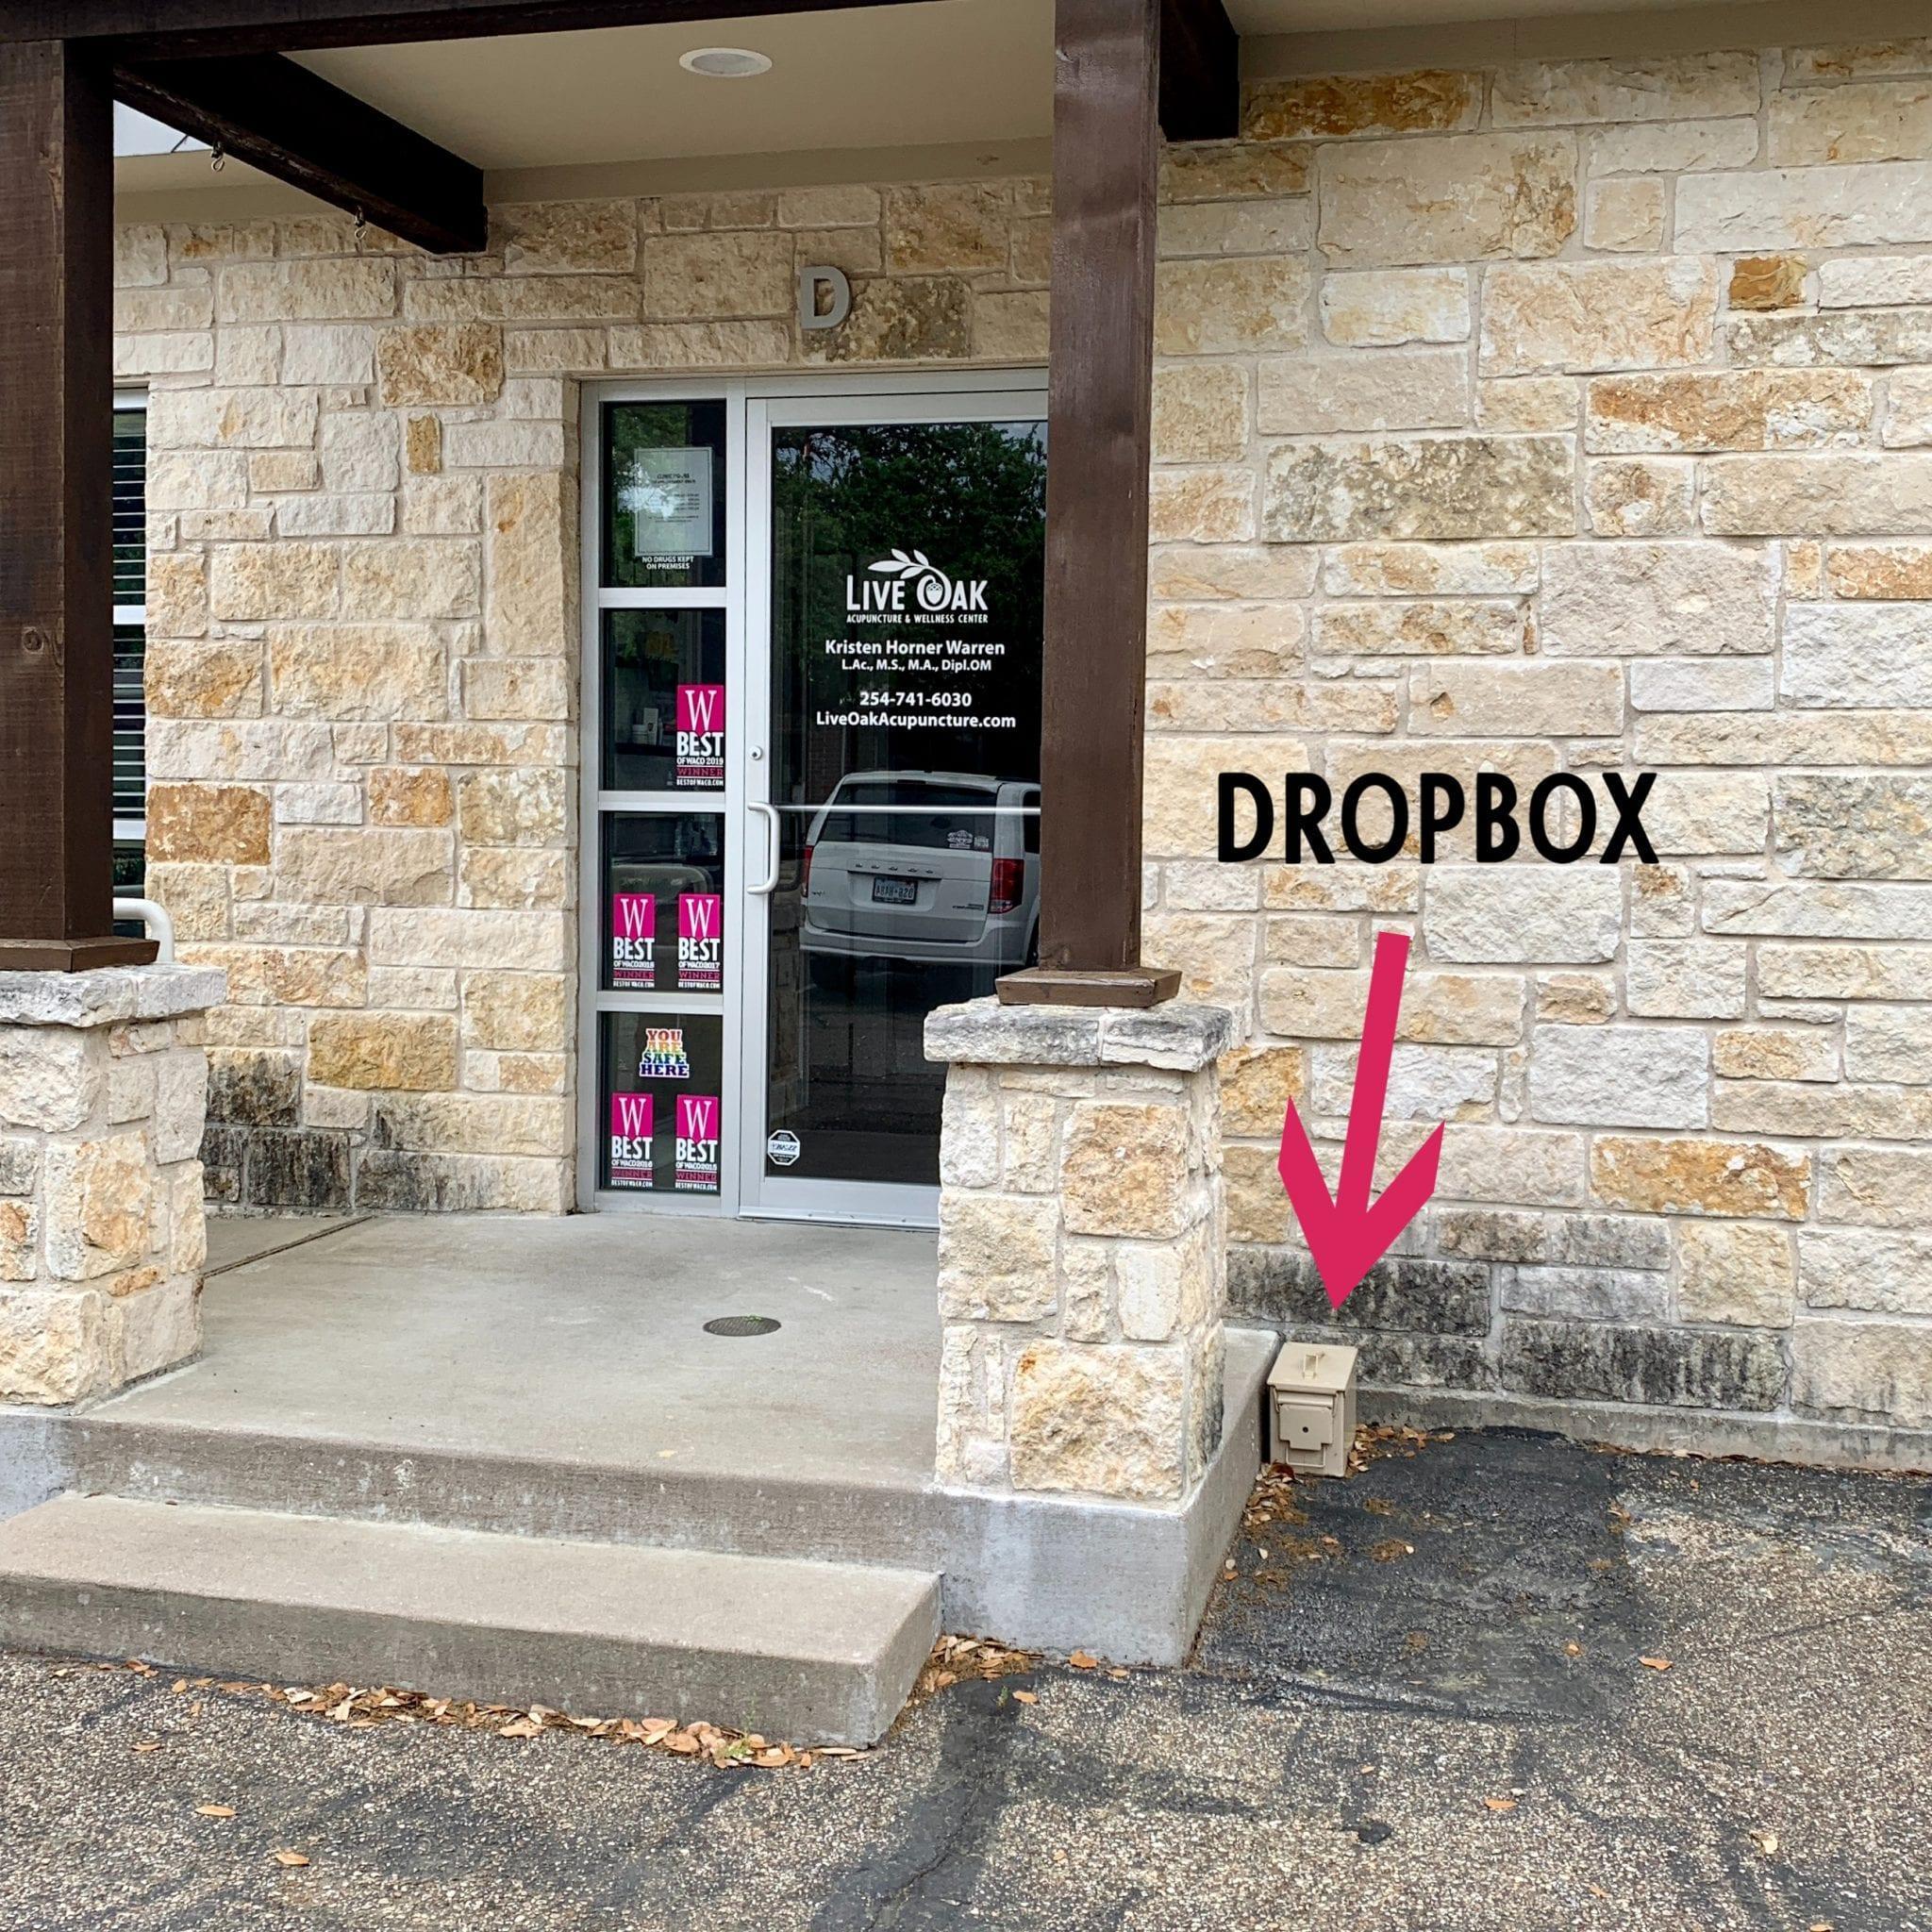 Outside Dropbox